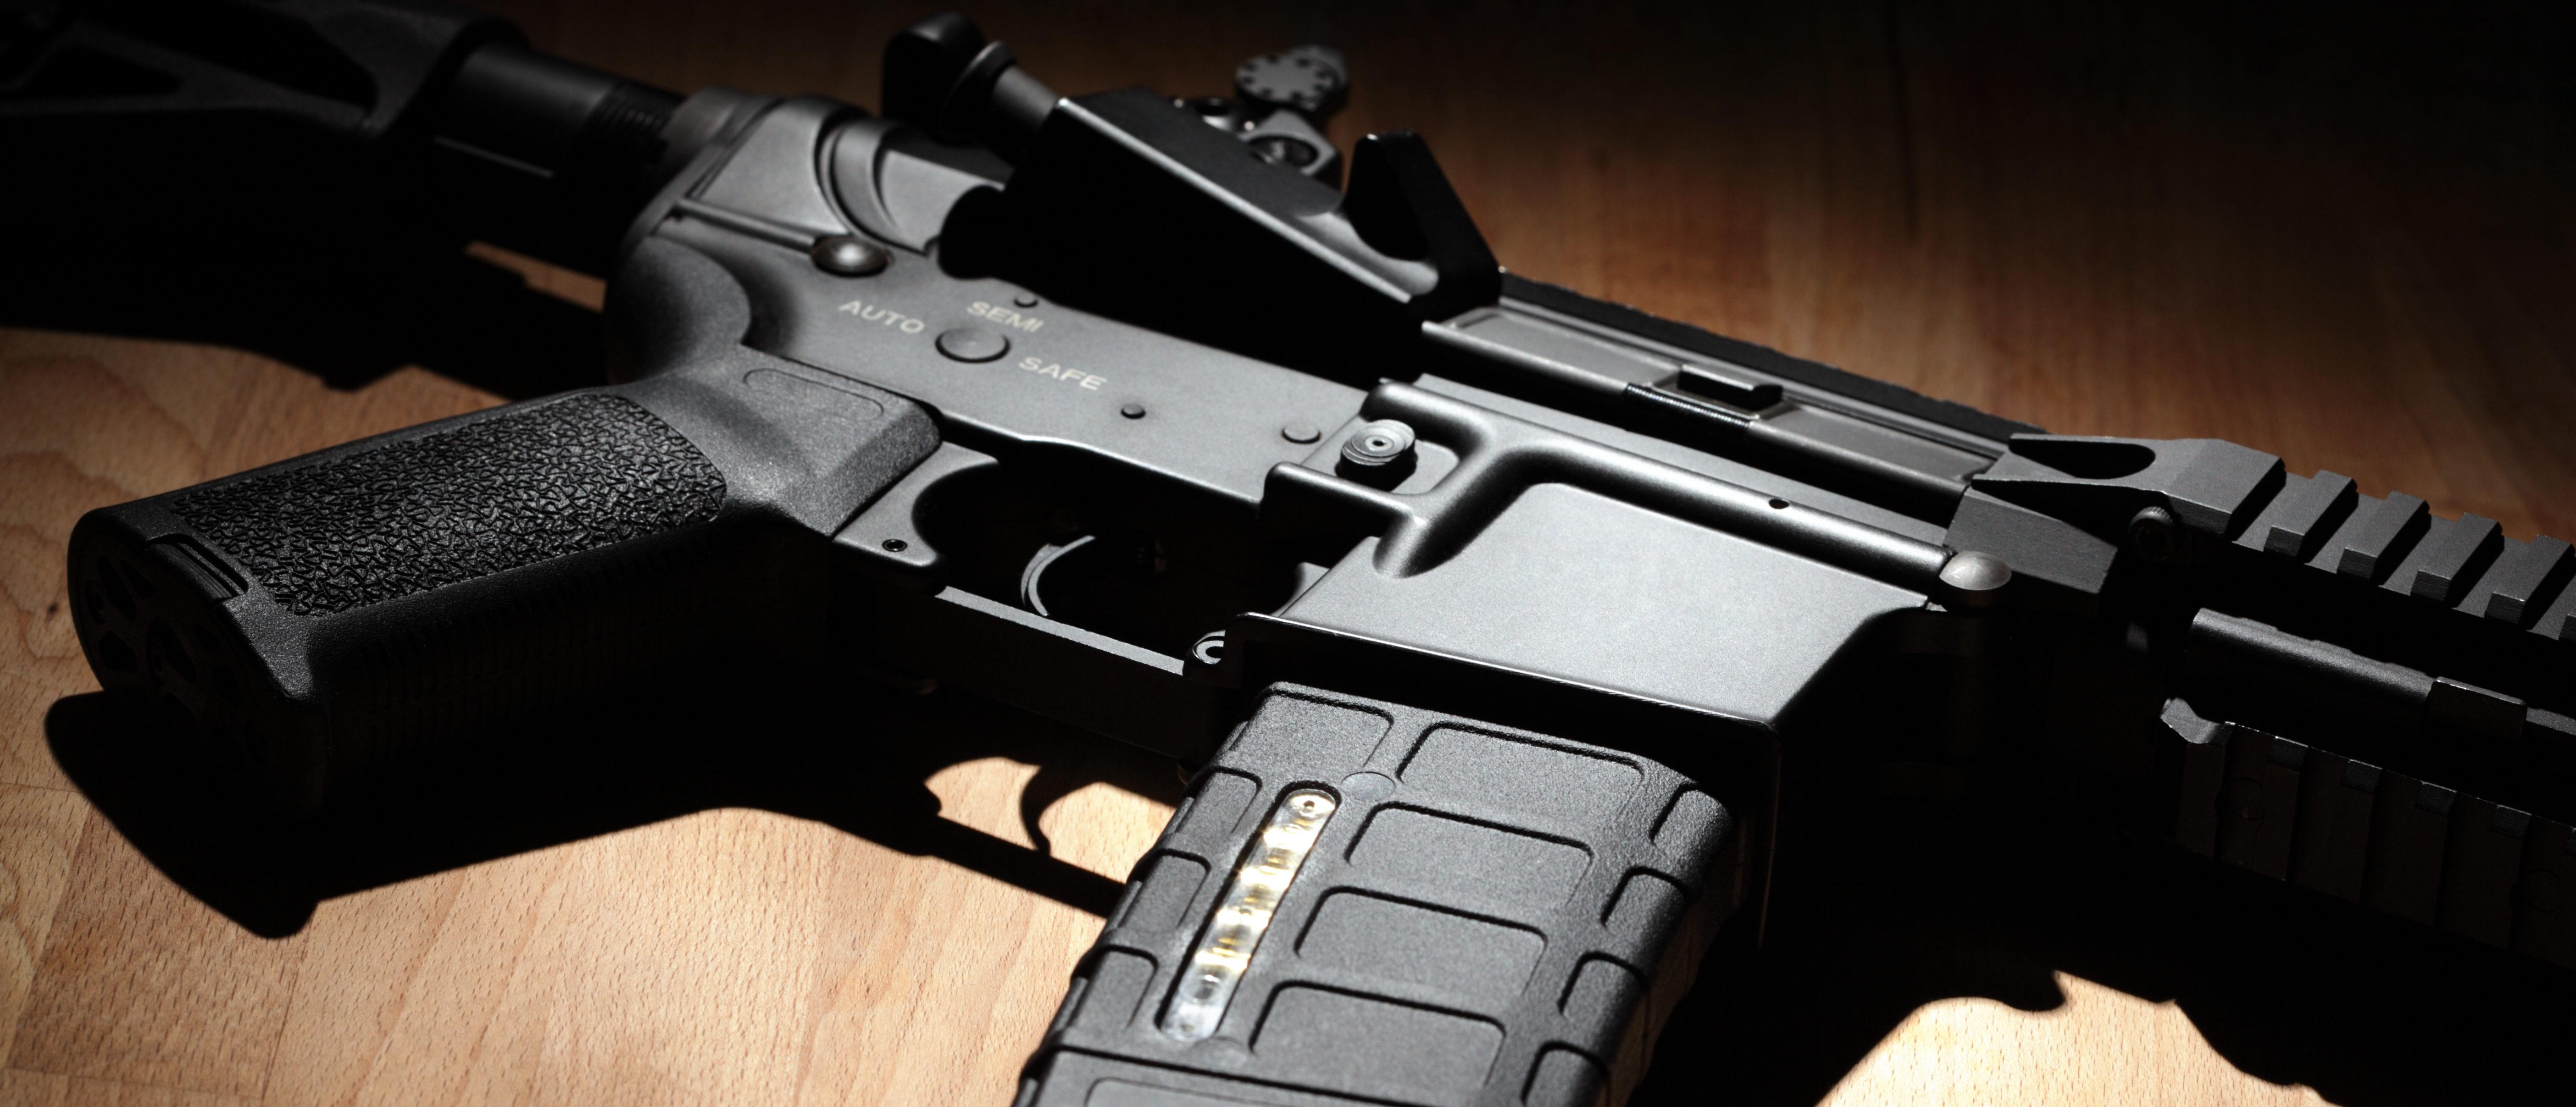 Civilian .223 caliber semi-automatic rifle (shutterstock)